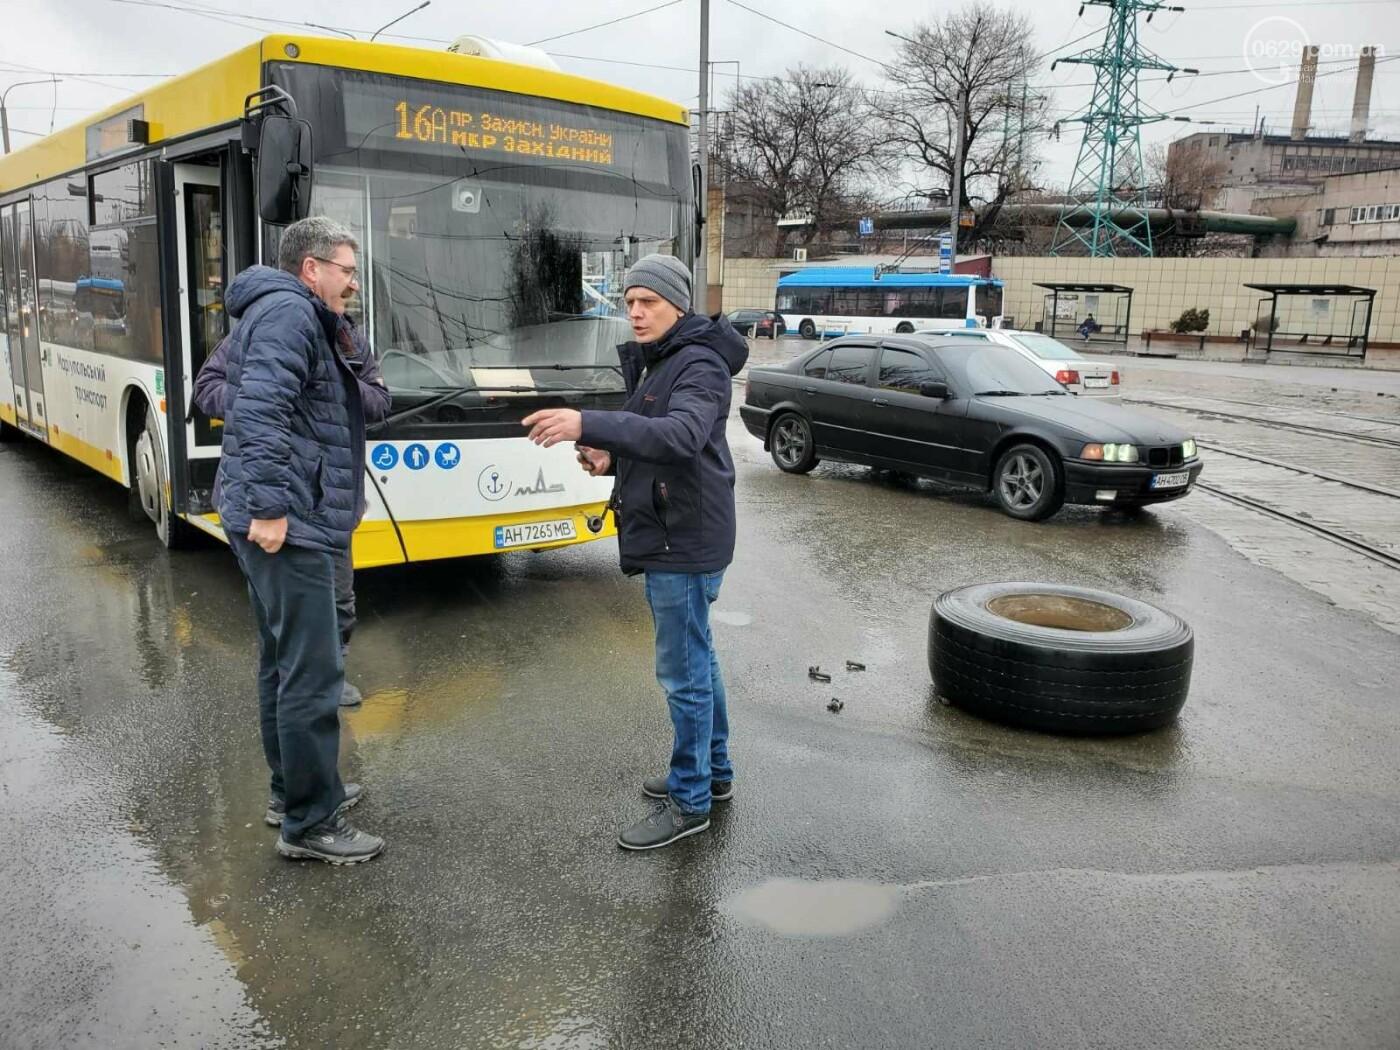 В Мариуполе у грузовика оторвалось колесо, покатилось по дороге и врезалось в автобус, - ФОТО, фото-3